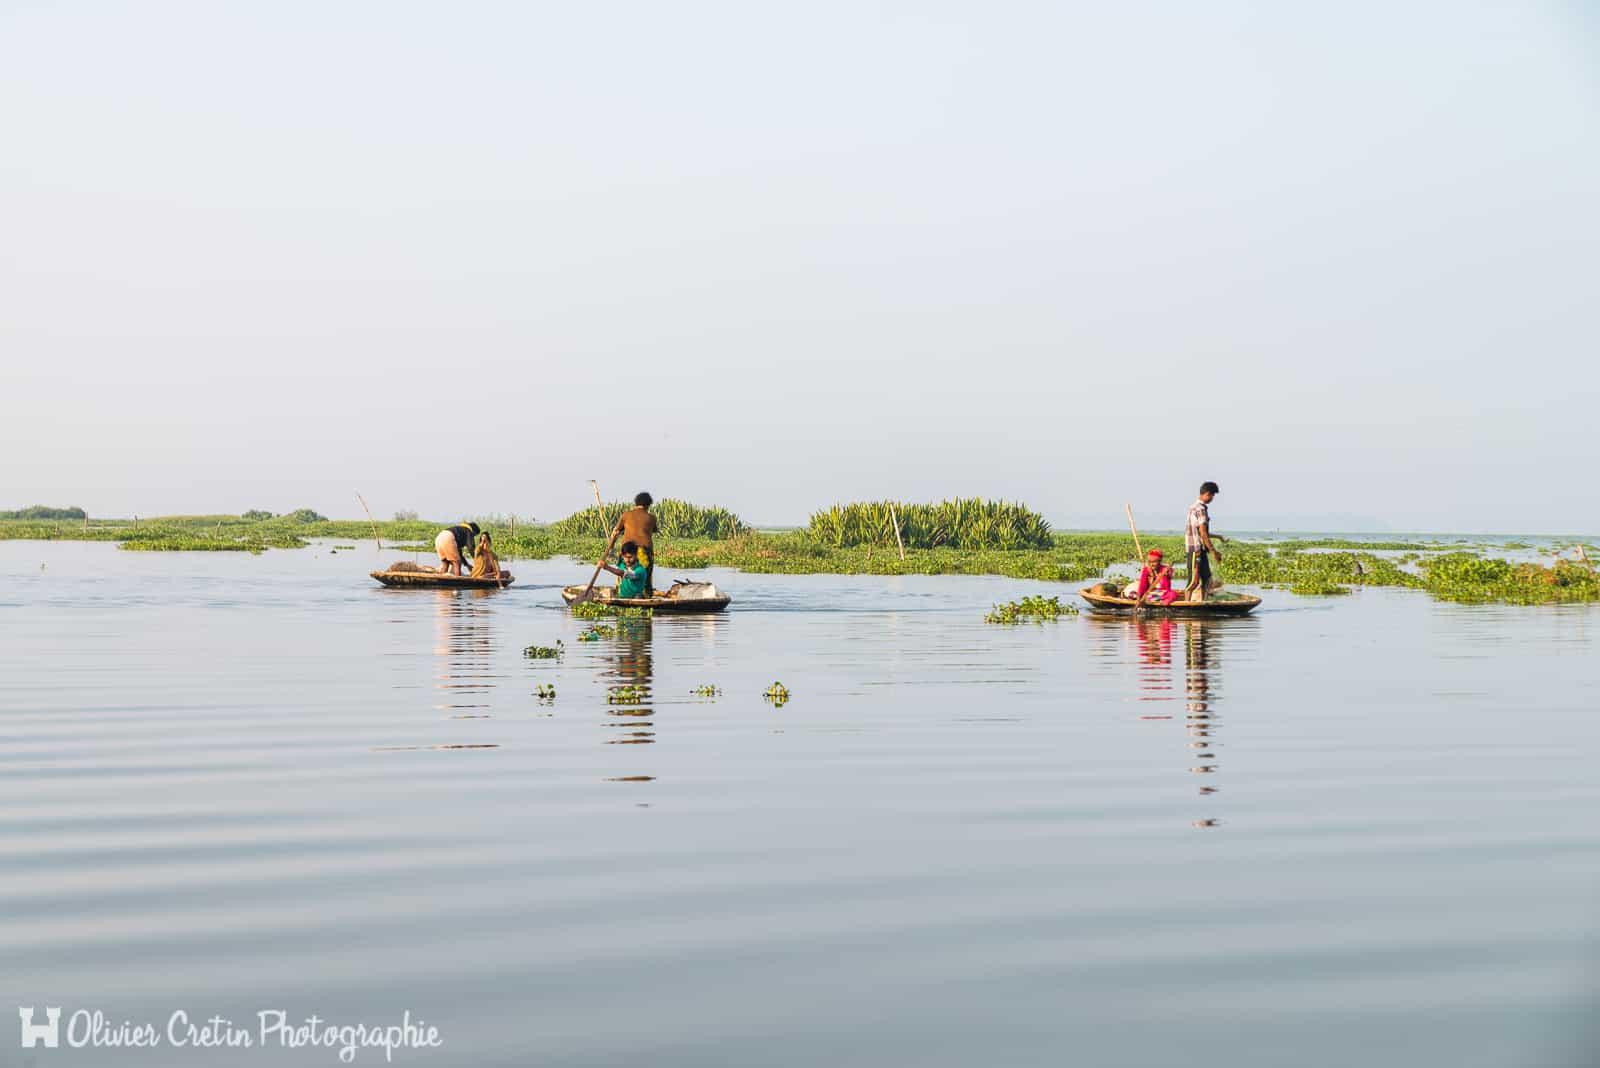 Inde - Kumarakom - Le ballet des pêcheurs sur le lac Vambanad